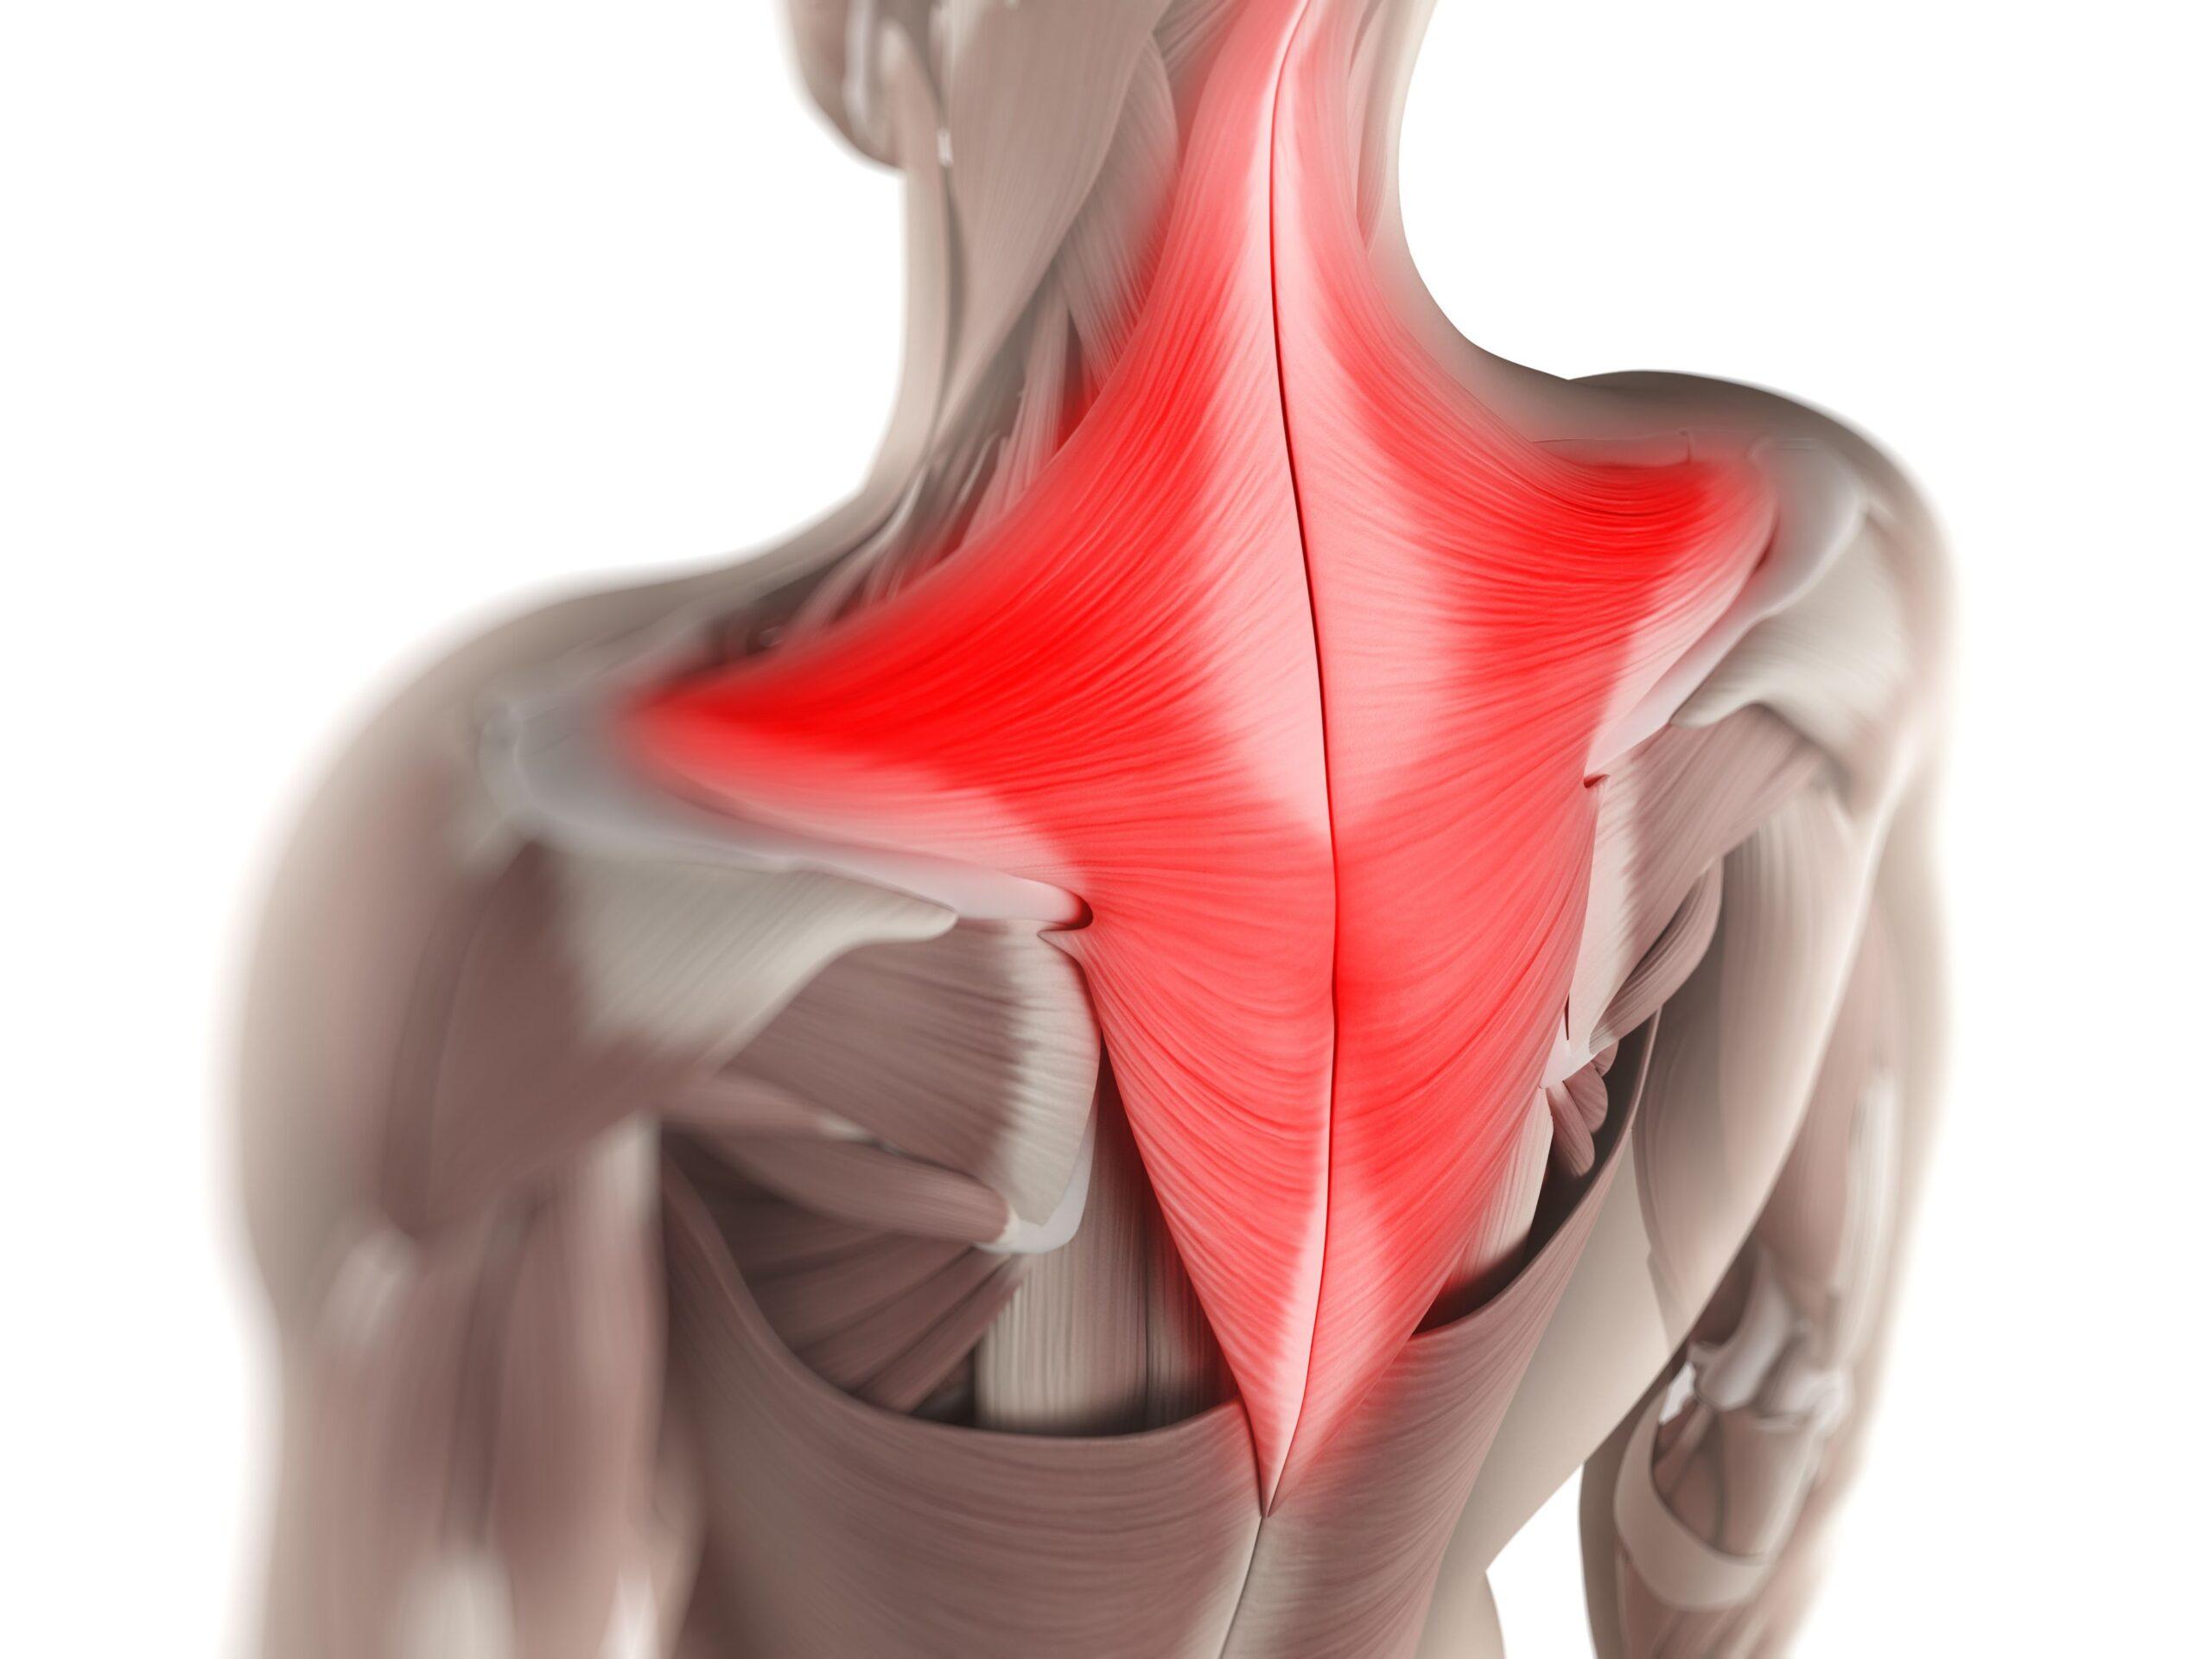 Csuklyásizom (trapezius) fájdalom – mi állhat a háttérben?